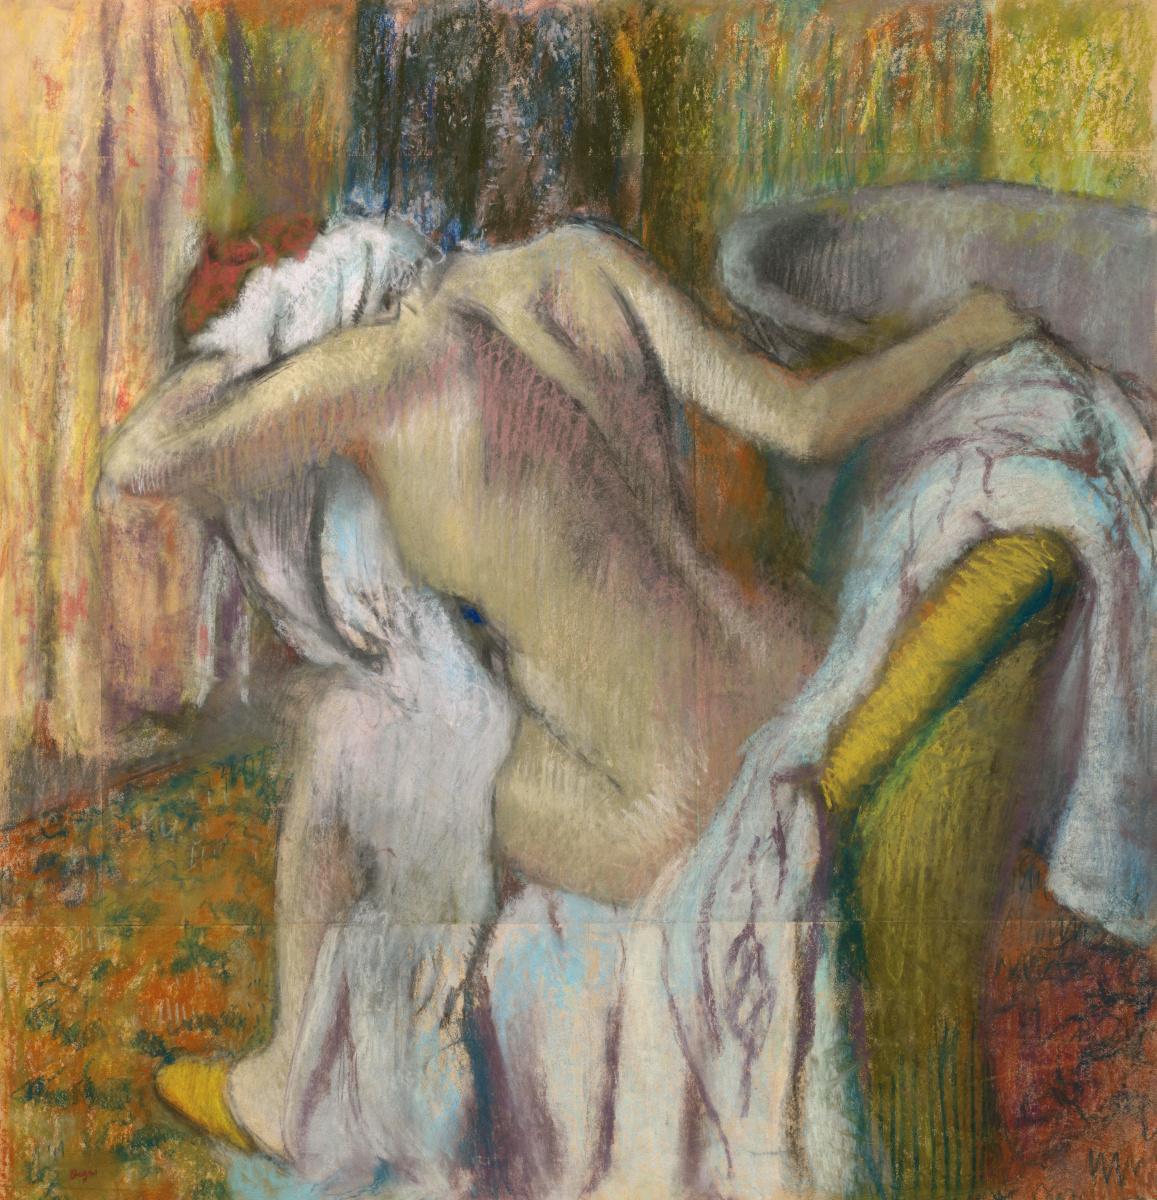 Эдгар Дега. После ванны. Женщина вытирается